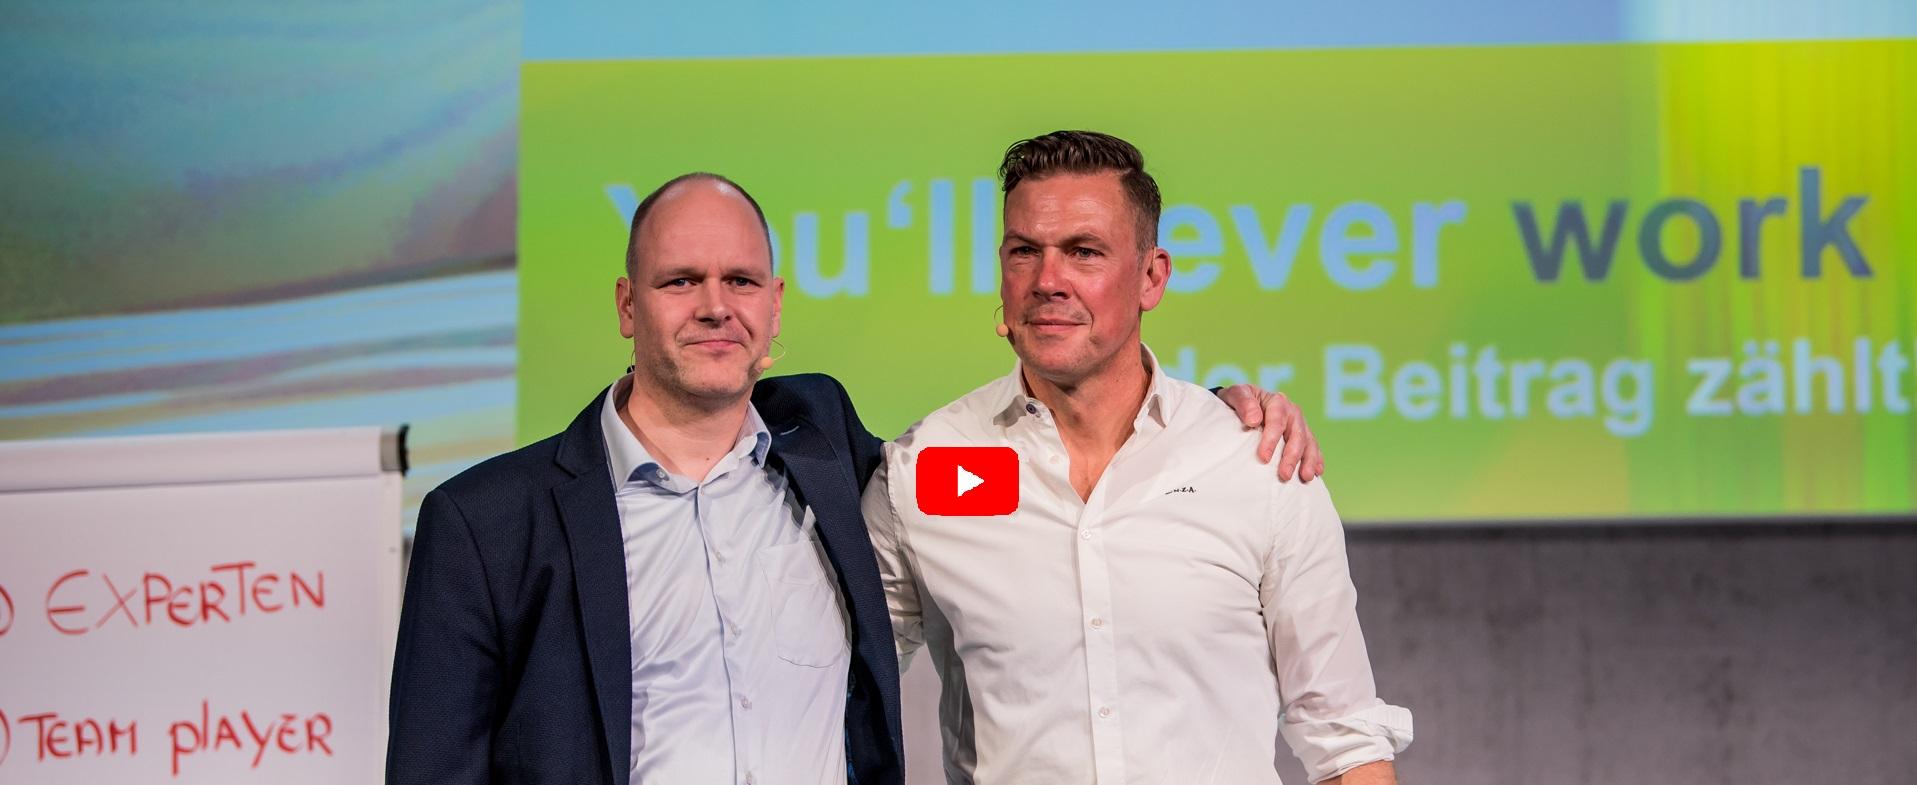 Führungsgsexperte Dr. Holger Schmitz mit Fußballredner Erik Meijer